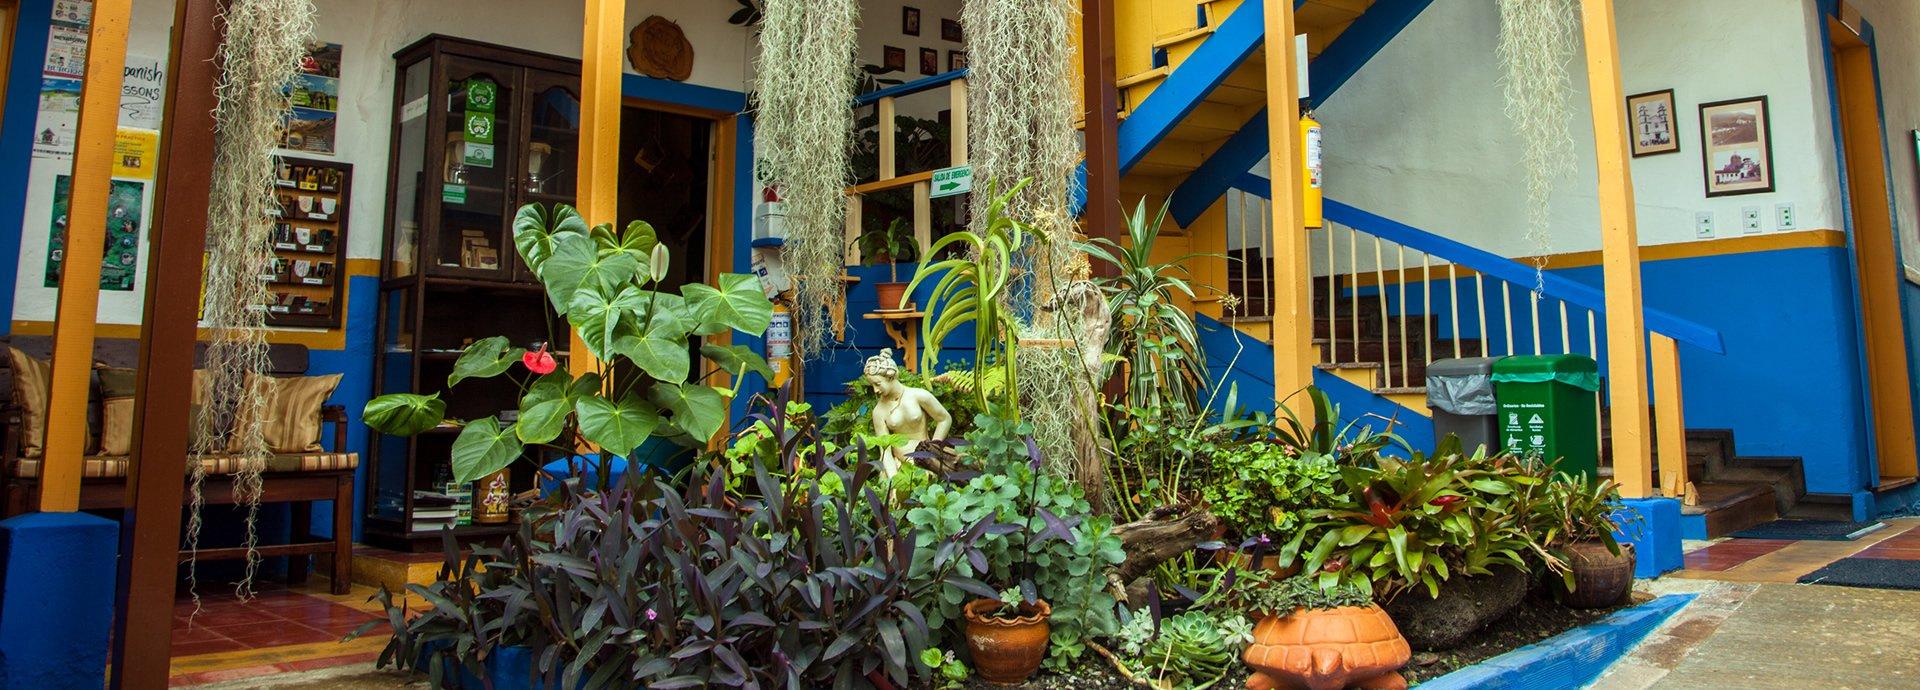 salento-colombia-ciudad-de-segorbe-hostels-salento-dining-room2-banner